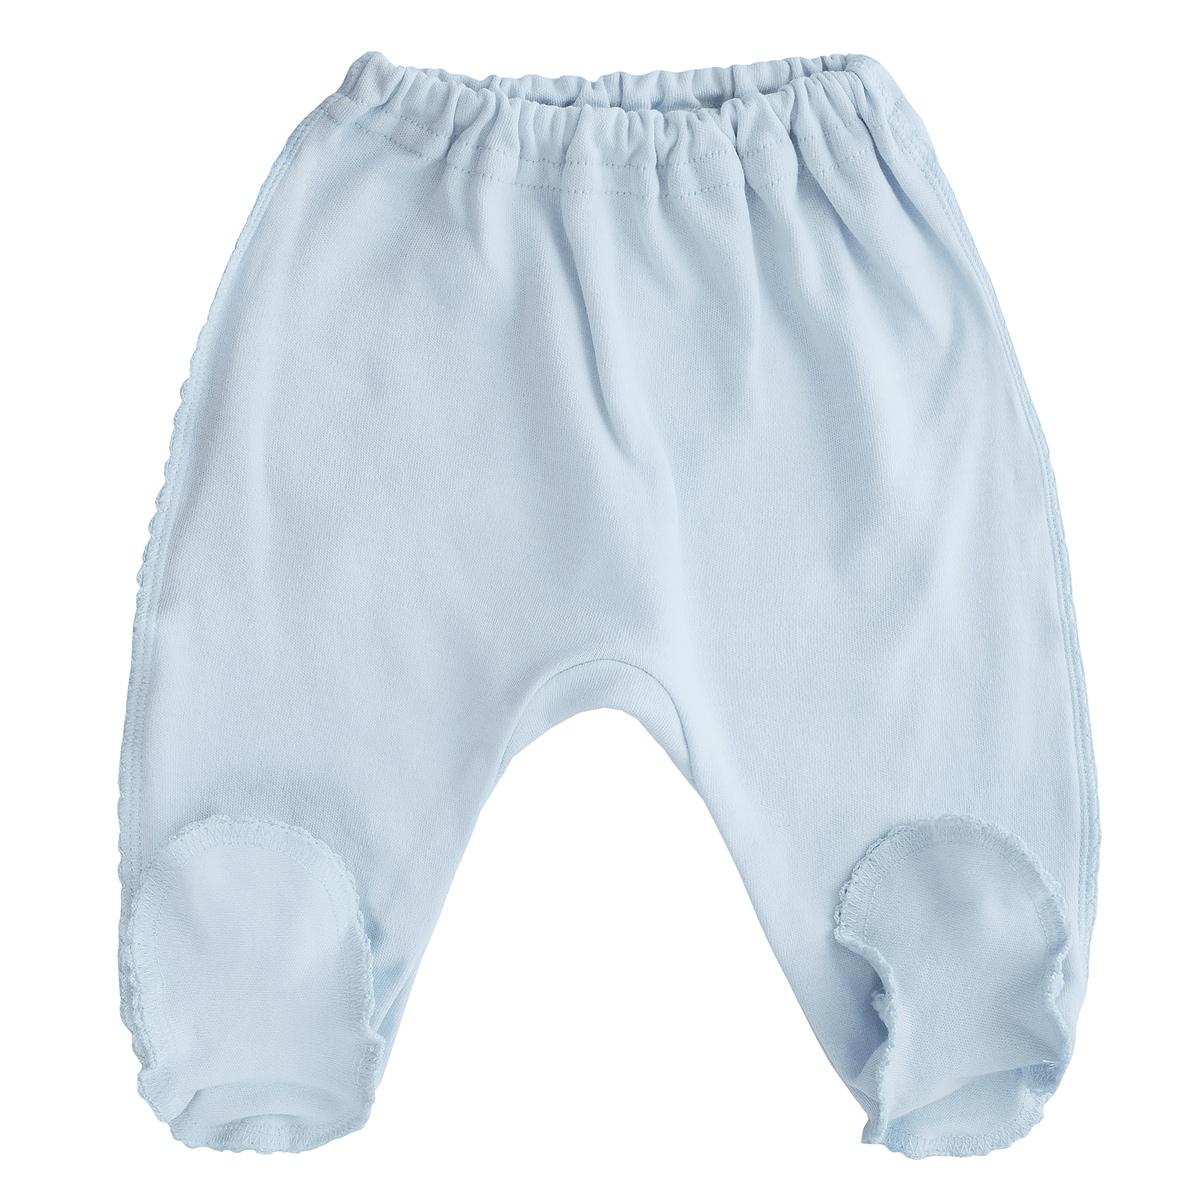 Ползунки Фреш стайл, цвет: голубой. 37-506н. Размер 5637-506нПолзунки с закрытыми ножками Фреш Стайл послужат идеальным дополнением к гардеробу малыша. Ползунки, изготовленные из интерлок-пенье - натурального хлопка, необычайно мягкие и легкие, не раздражают нежную кожу ребенка и хорошо вентилируются, а выполненные наружу швы приятны телу малыша и не препятствуют его движениям.Ползунки на резинке - очень удобный и практичный вид одежды для малышей, которые уже немного подросли.